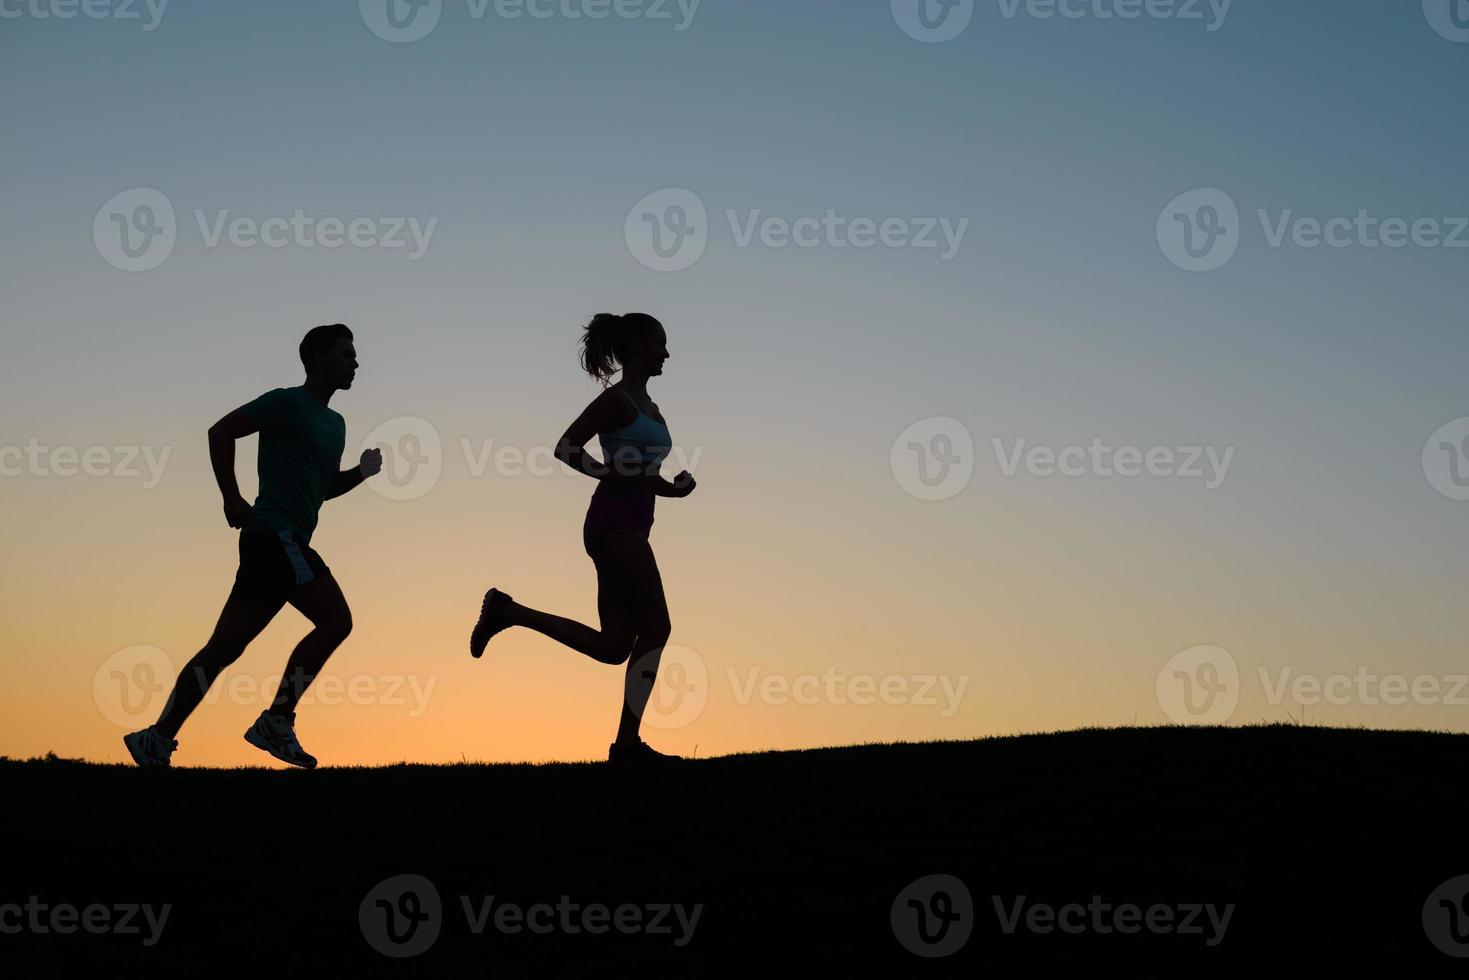 morgon springa på naturen. foto